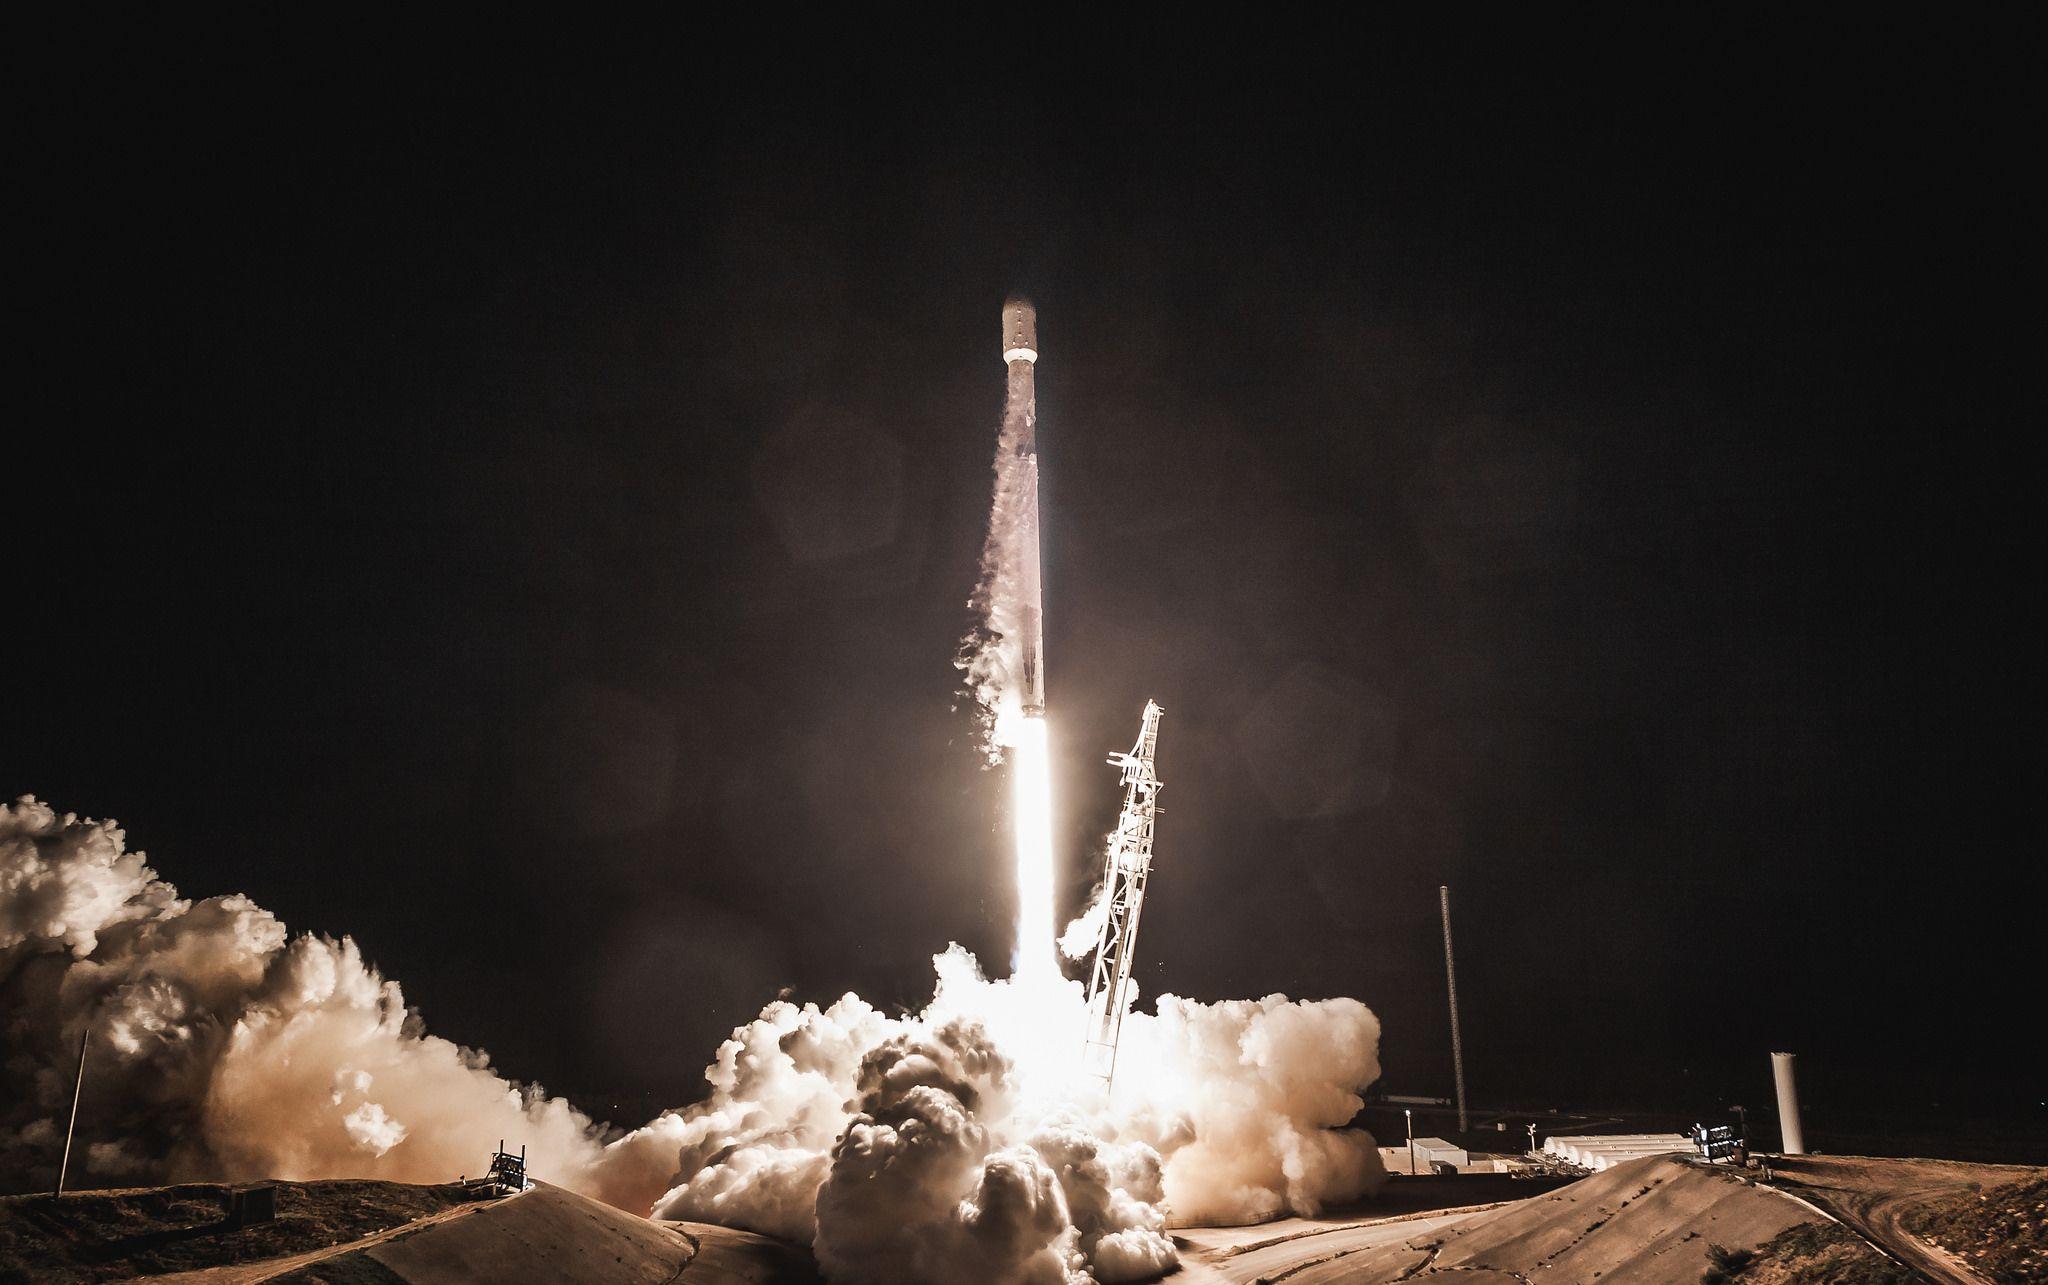 SpaceX publiko egiteko asmoa al dago?